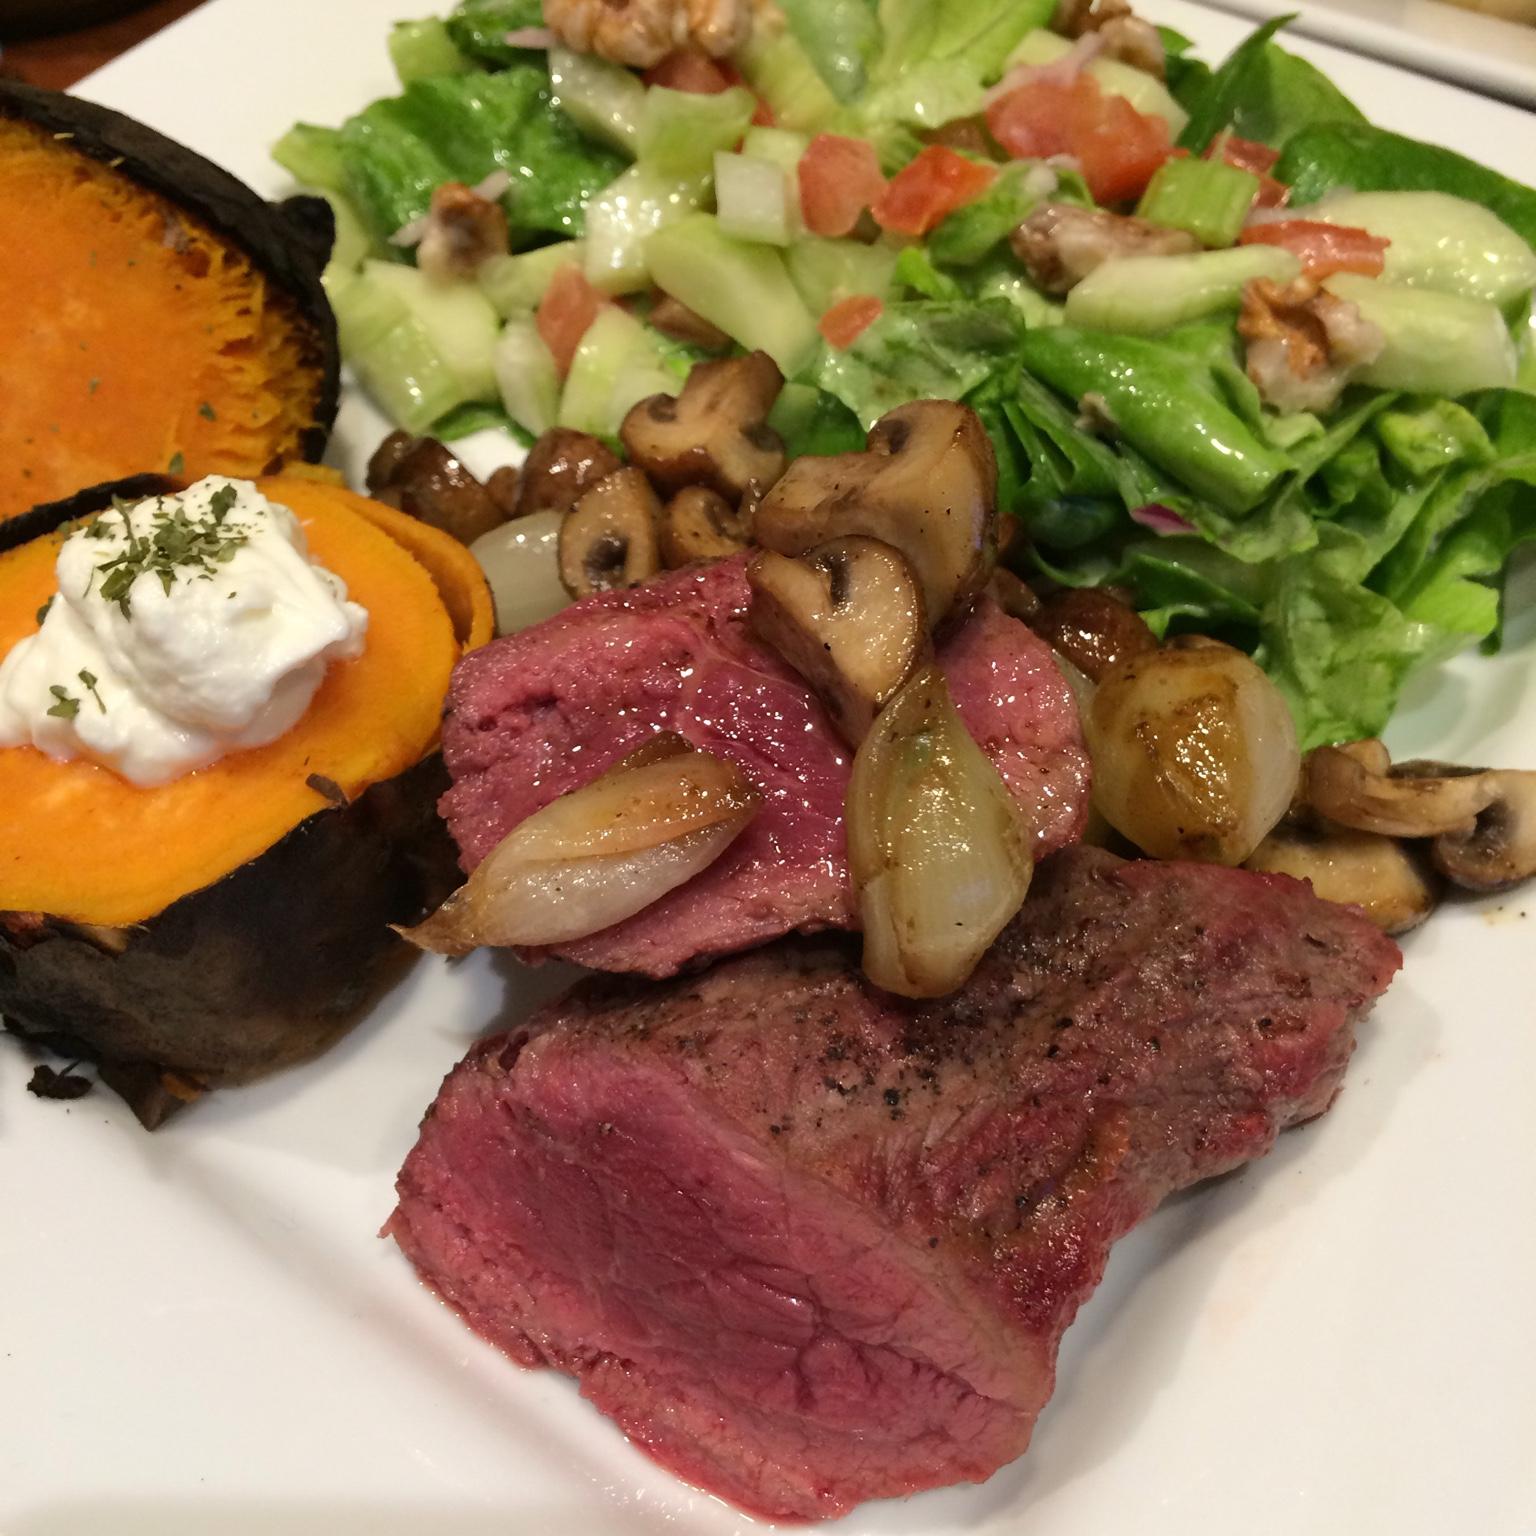 biefstuk met zilveruitjes en champignons zoete aardappel en salade. Black Bedroom Furniture Sets. Home Design Ideas